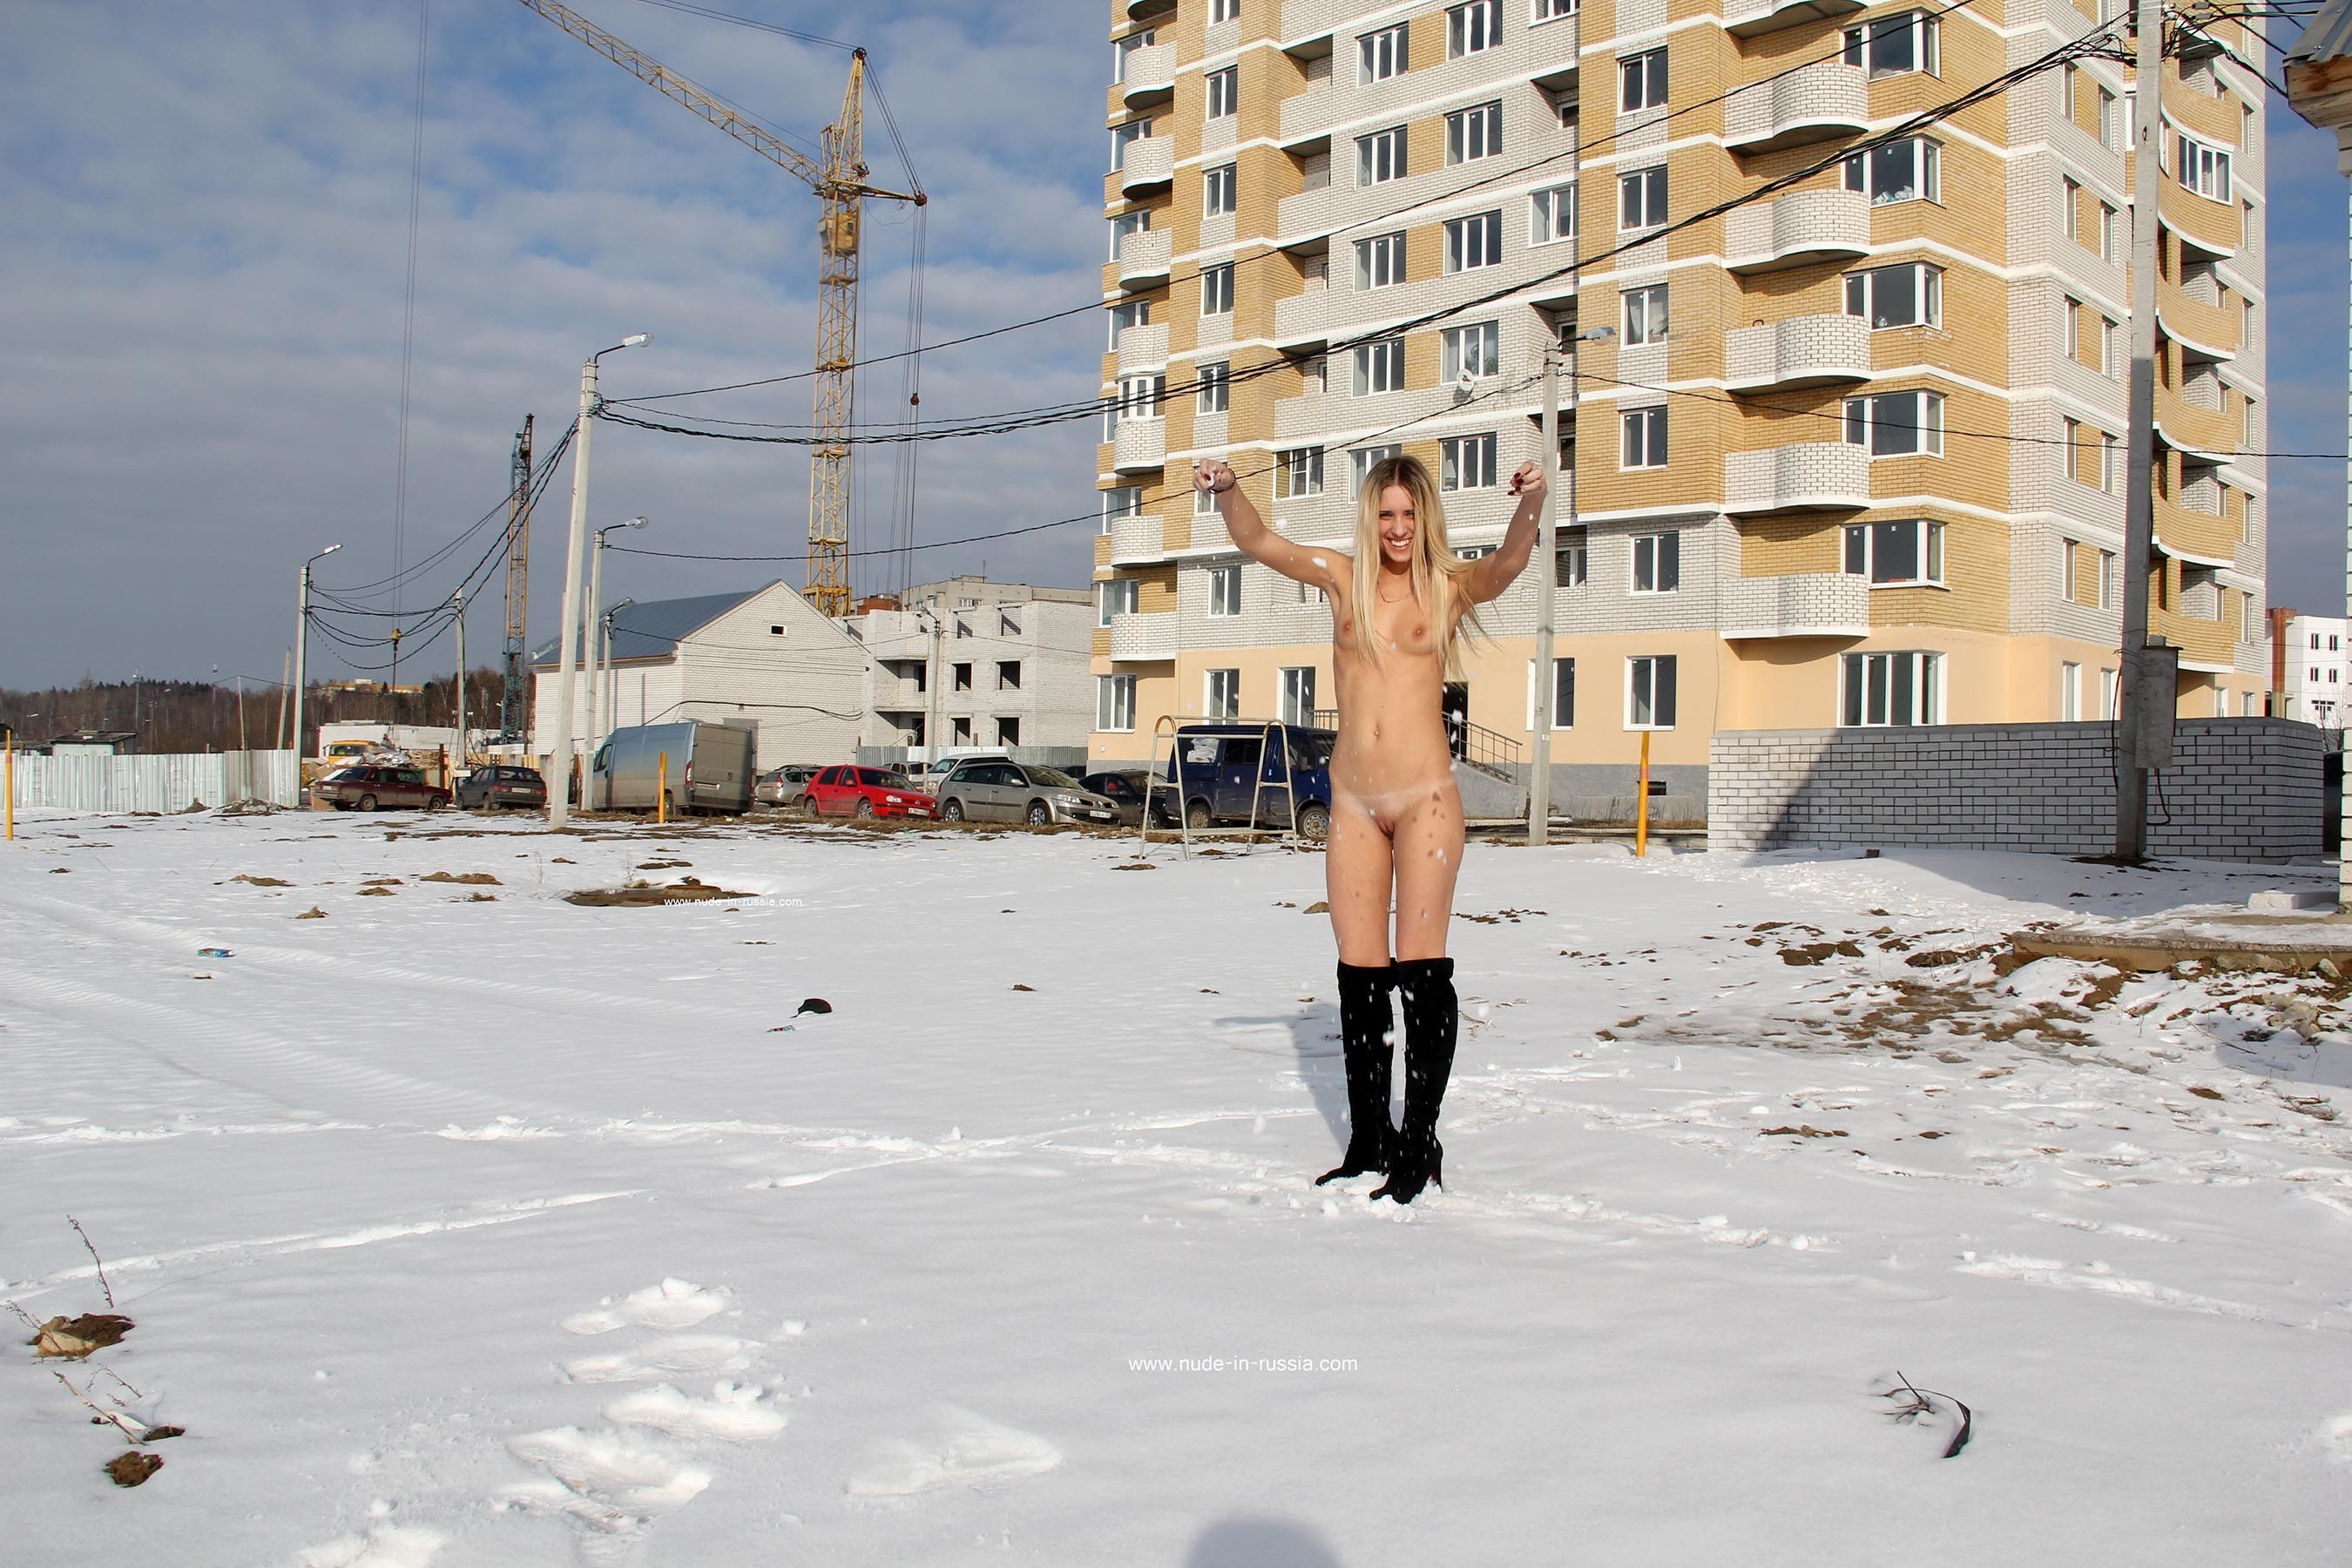 Девушки на снегу (ты их согрей руками) - компиляция 11